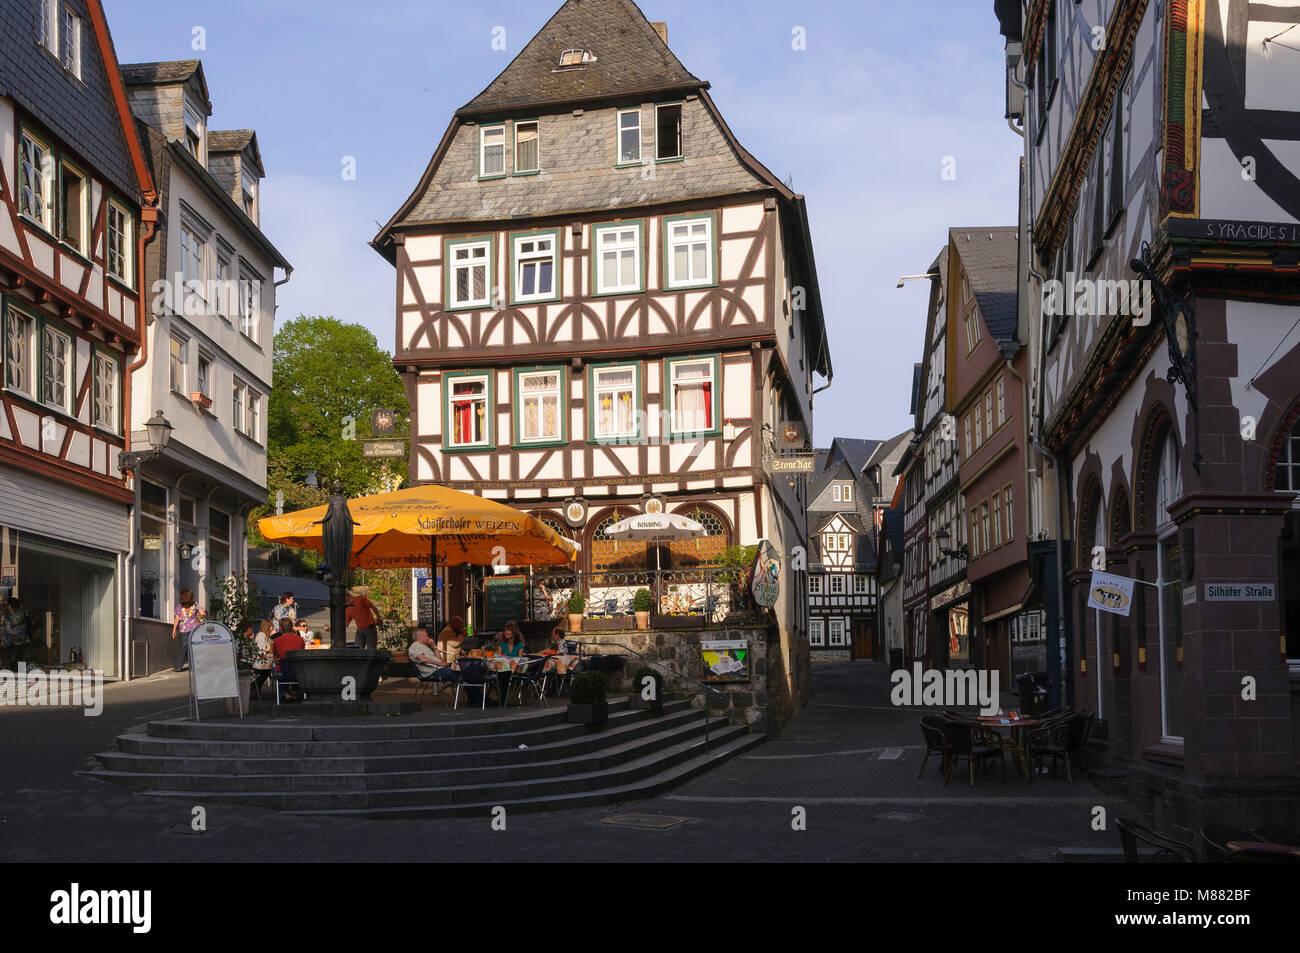 Wetzlar Germany Altstadt Stock Photos & Wetzlar Germany Altstadt ...